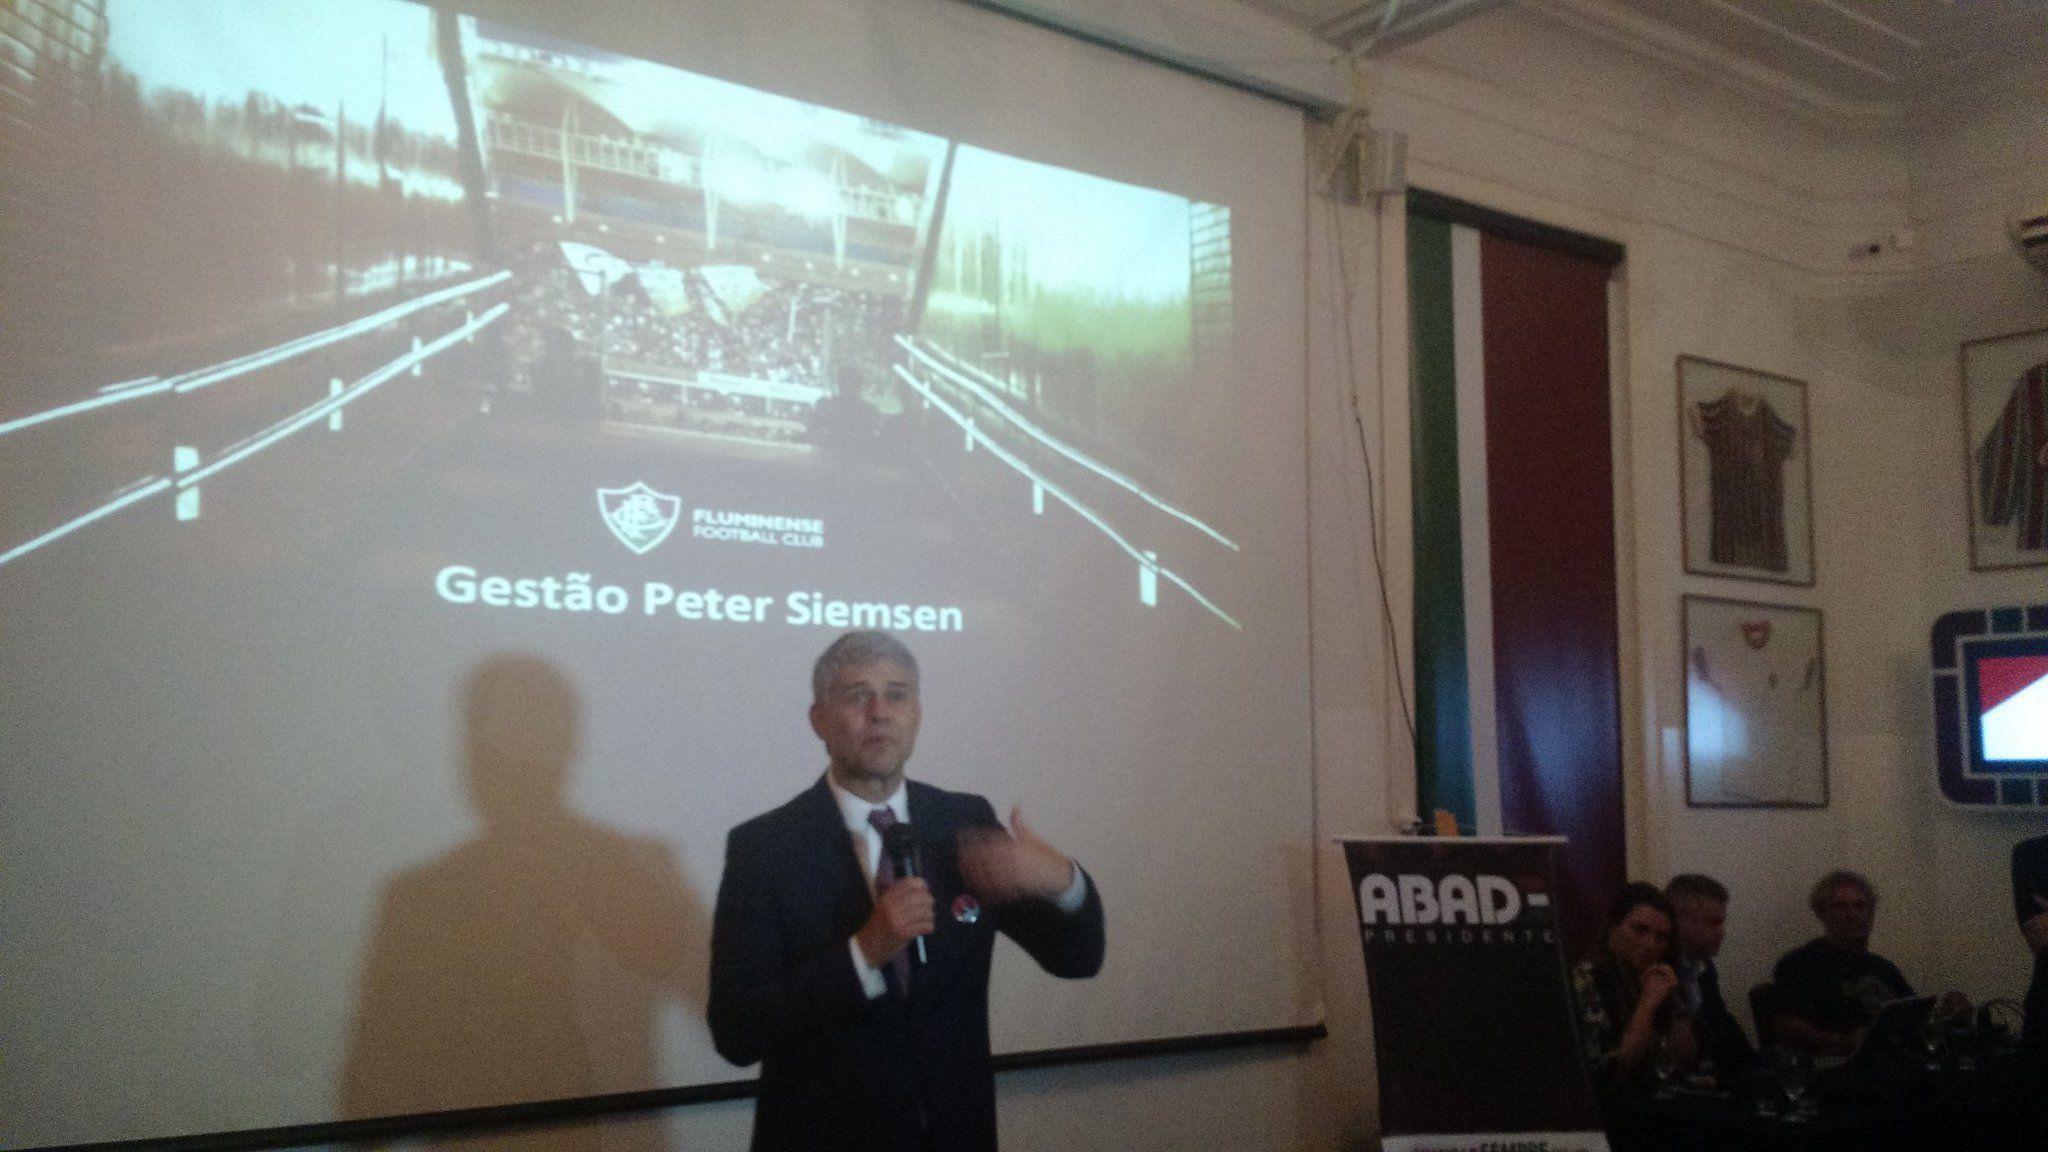 Peter anuncia aquisição de terreno para construção de estádio do Flu #globoesporte